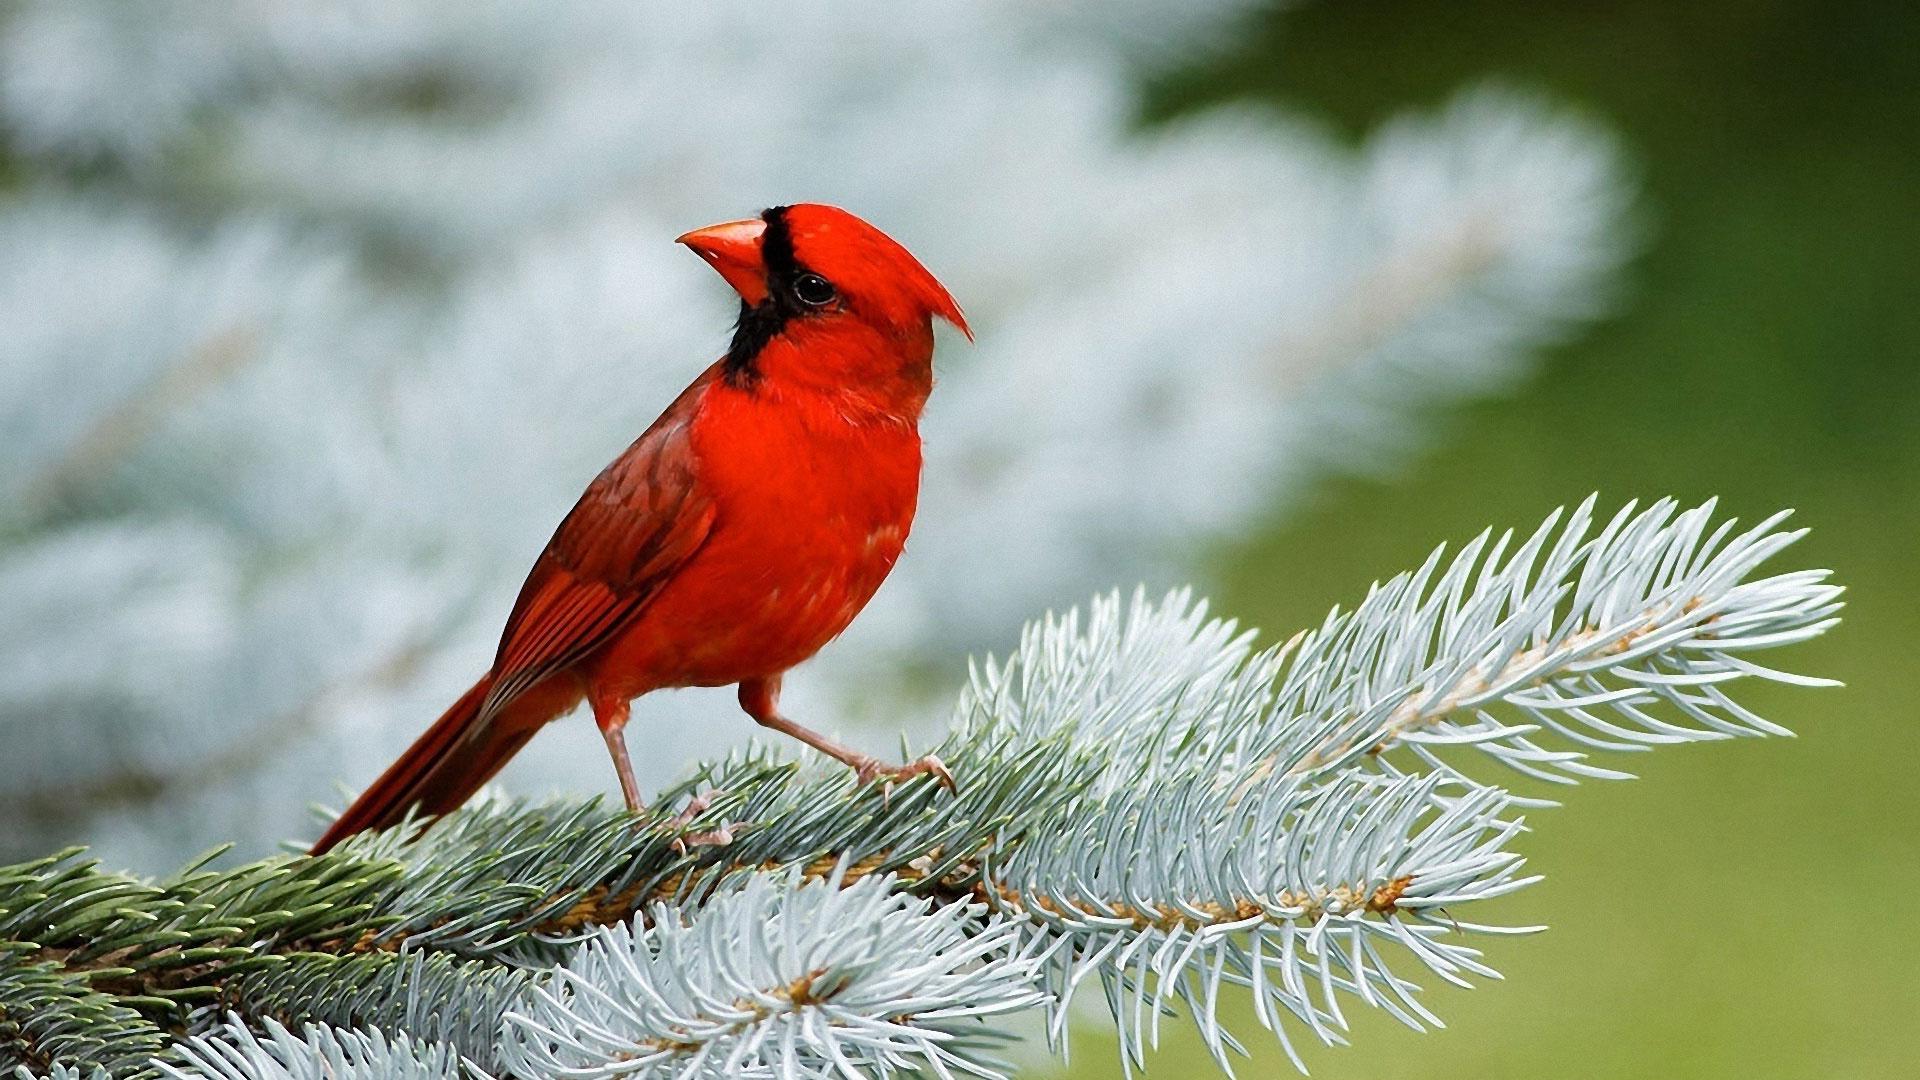 Обои Красная птица Кардинал, картинки